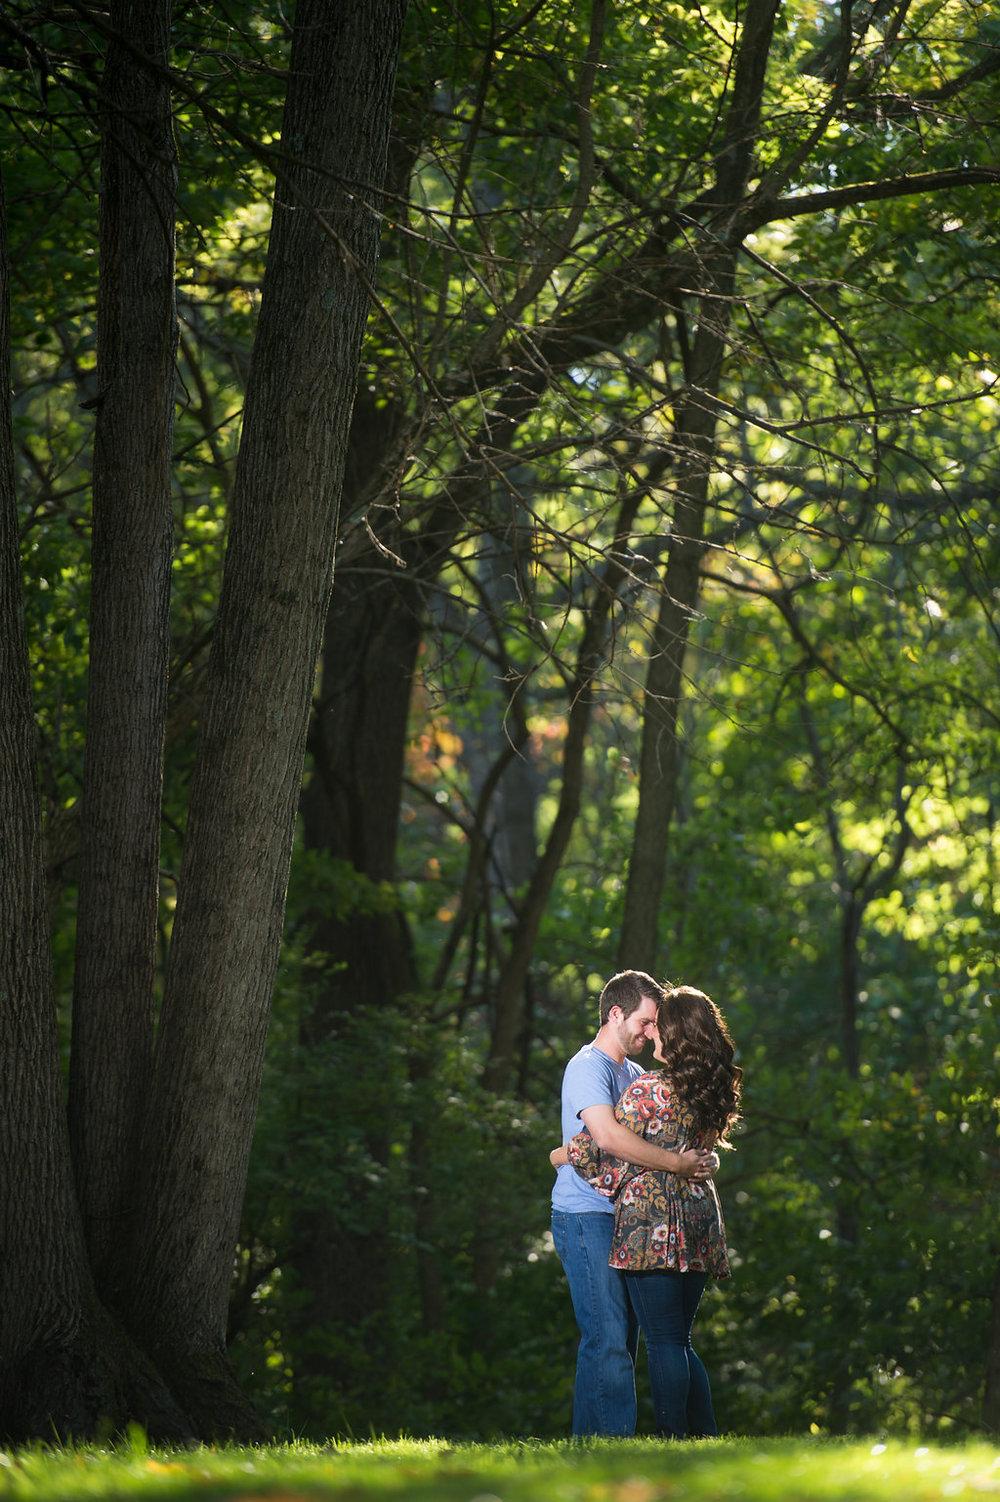 Lauren&BenEngagement-003.jpg